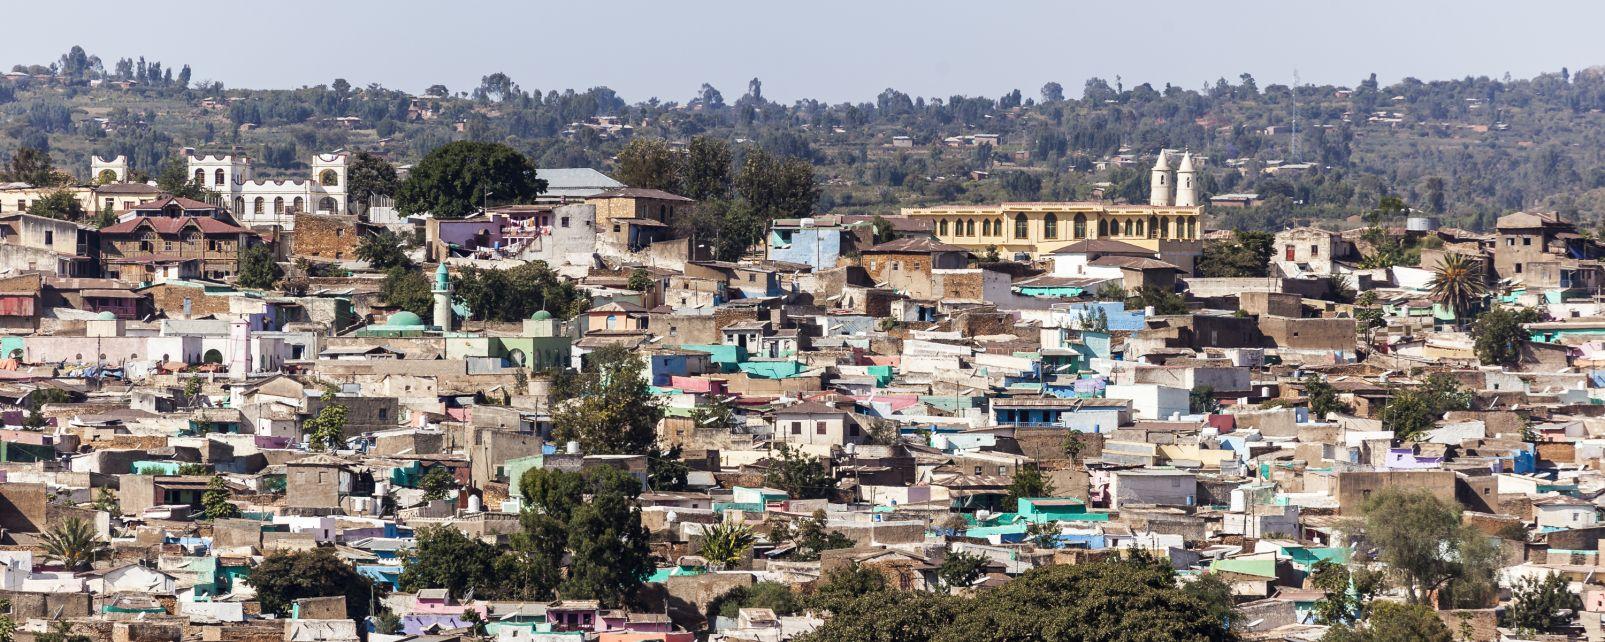 Les monuments, Unesco, Harar jugol, fortification, éthiopie, afrique, citadelle